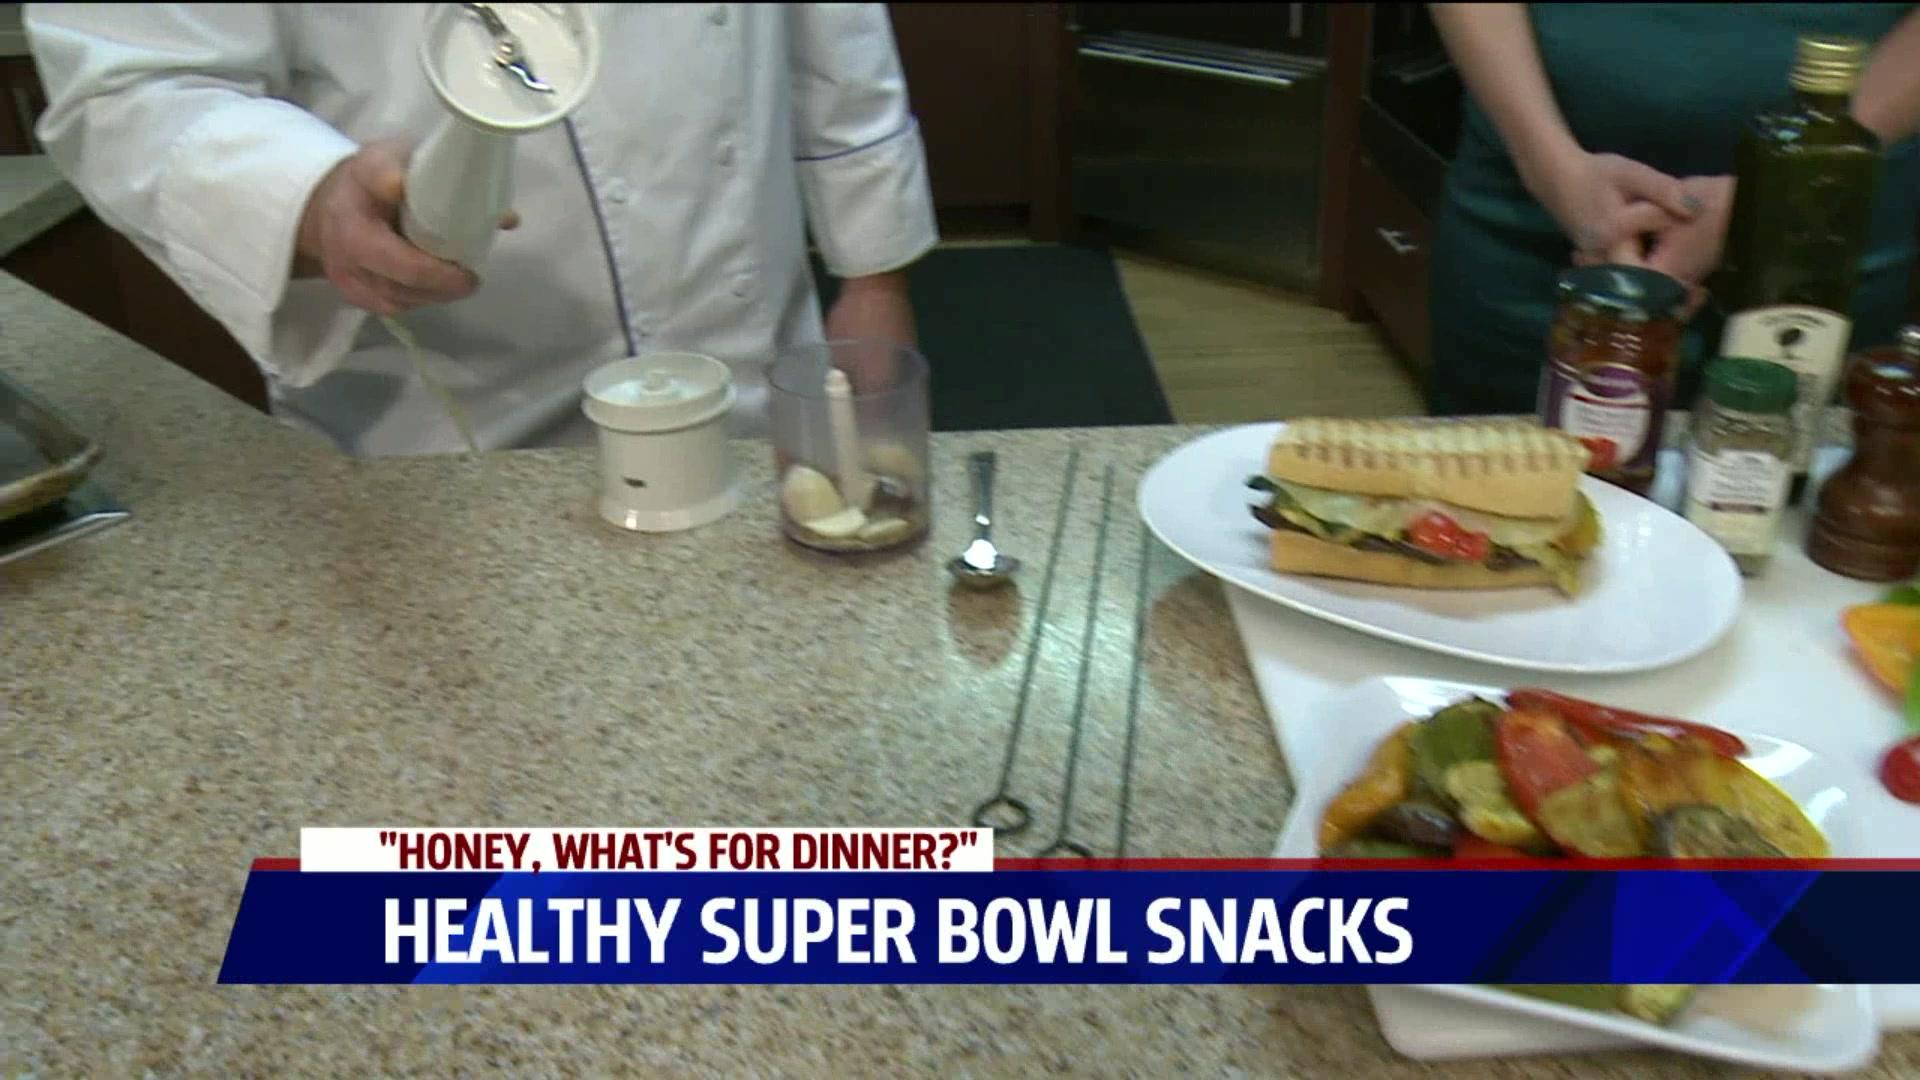 Healthy Super Bowl Snack: Roasted Vegetables